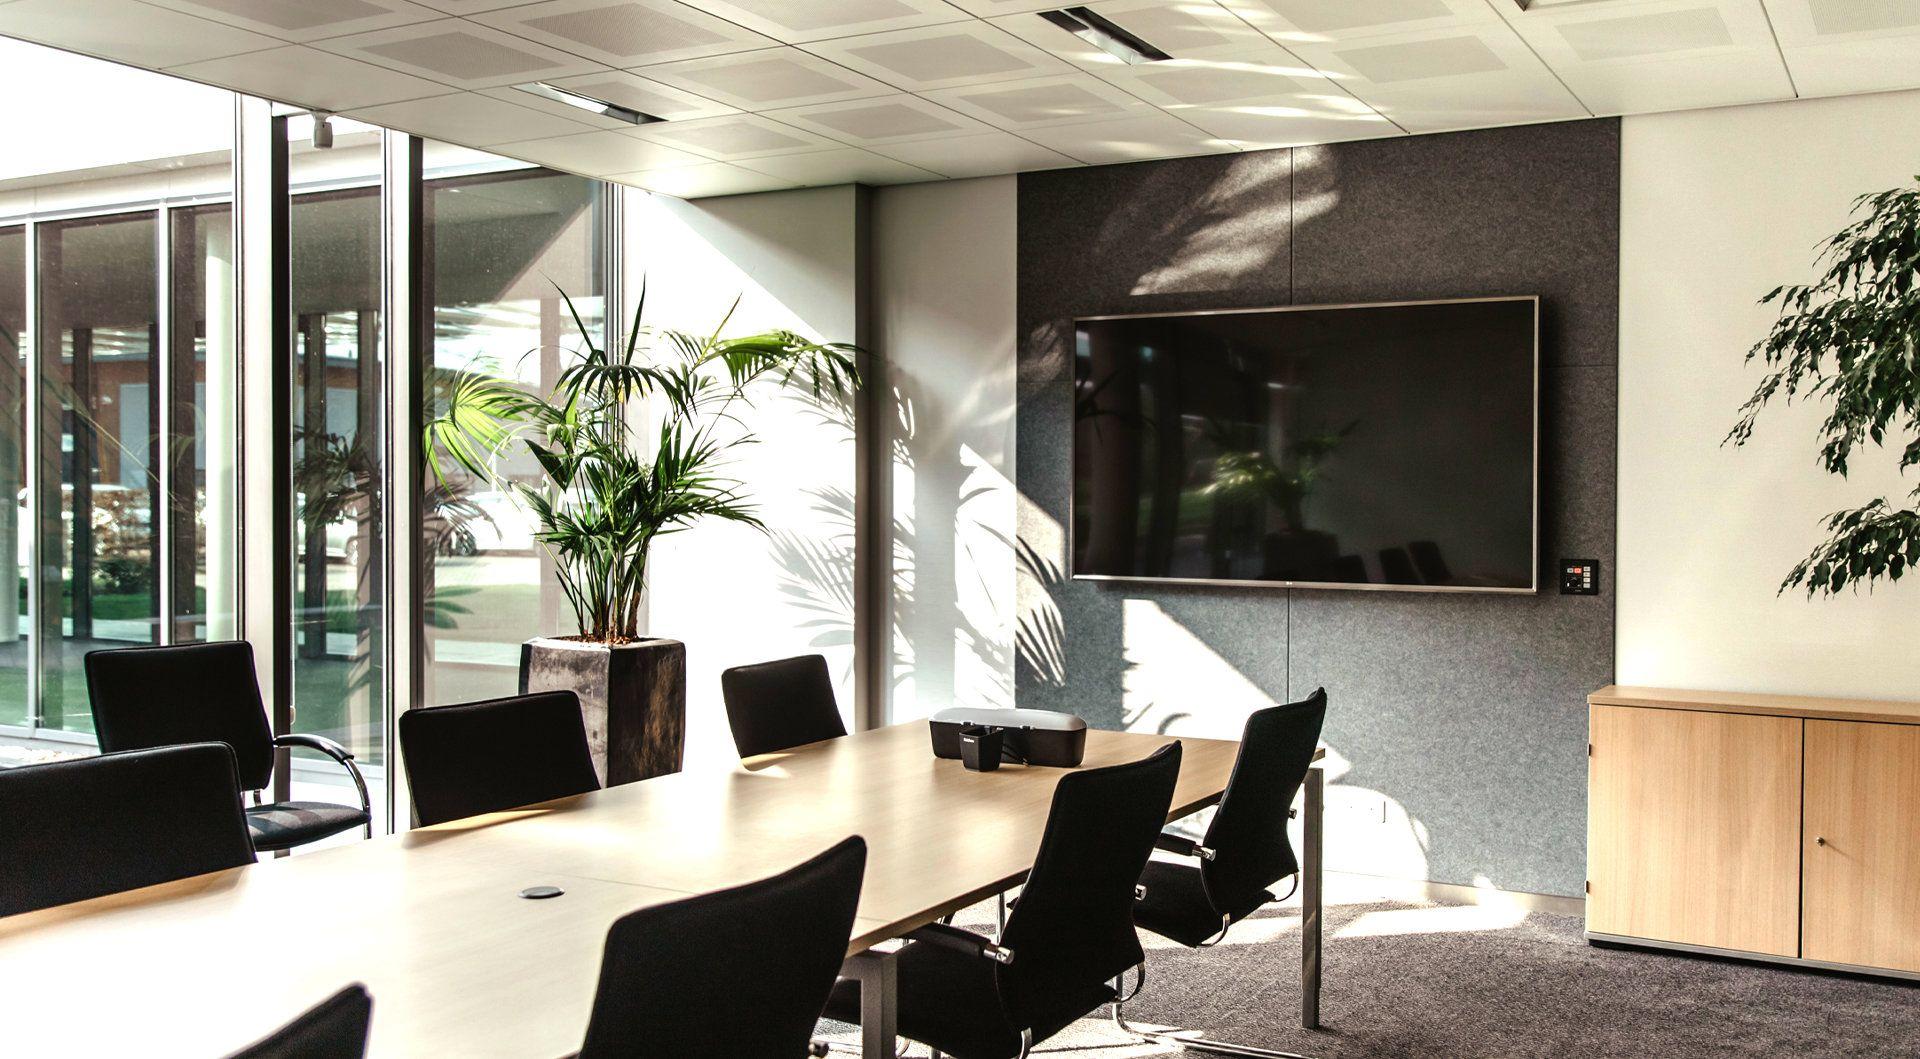 Chief XCM1U flat panel plafond steun Zwart - Case studie de vries